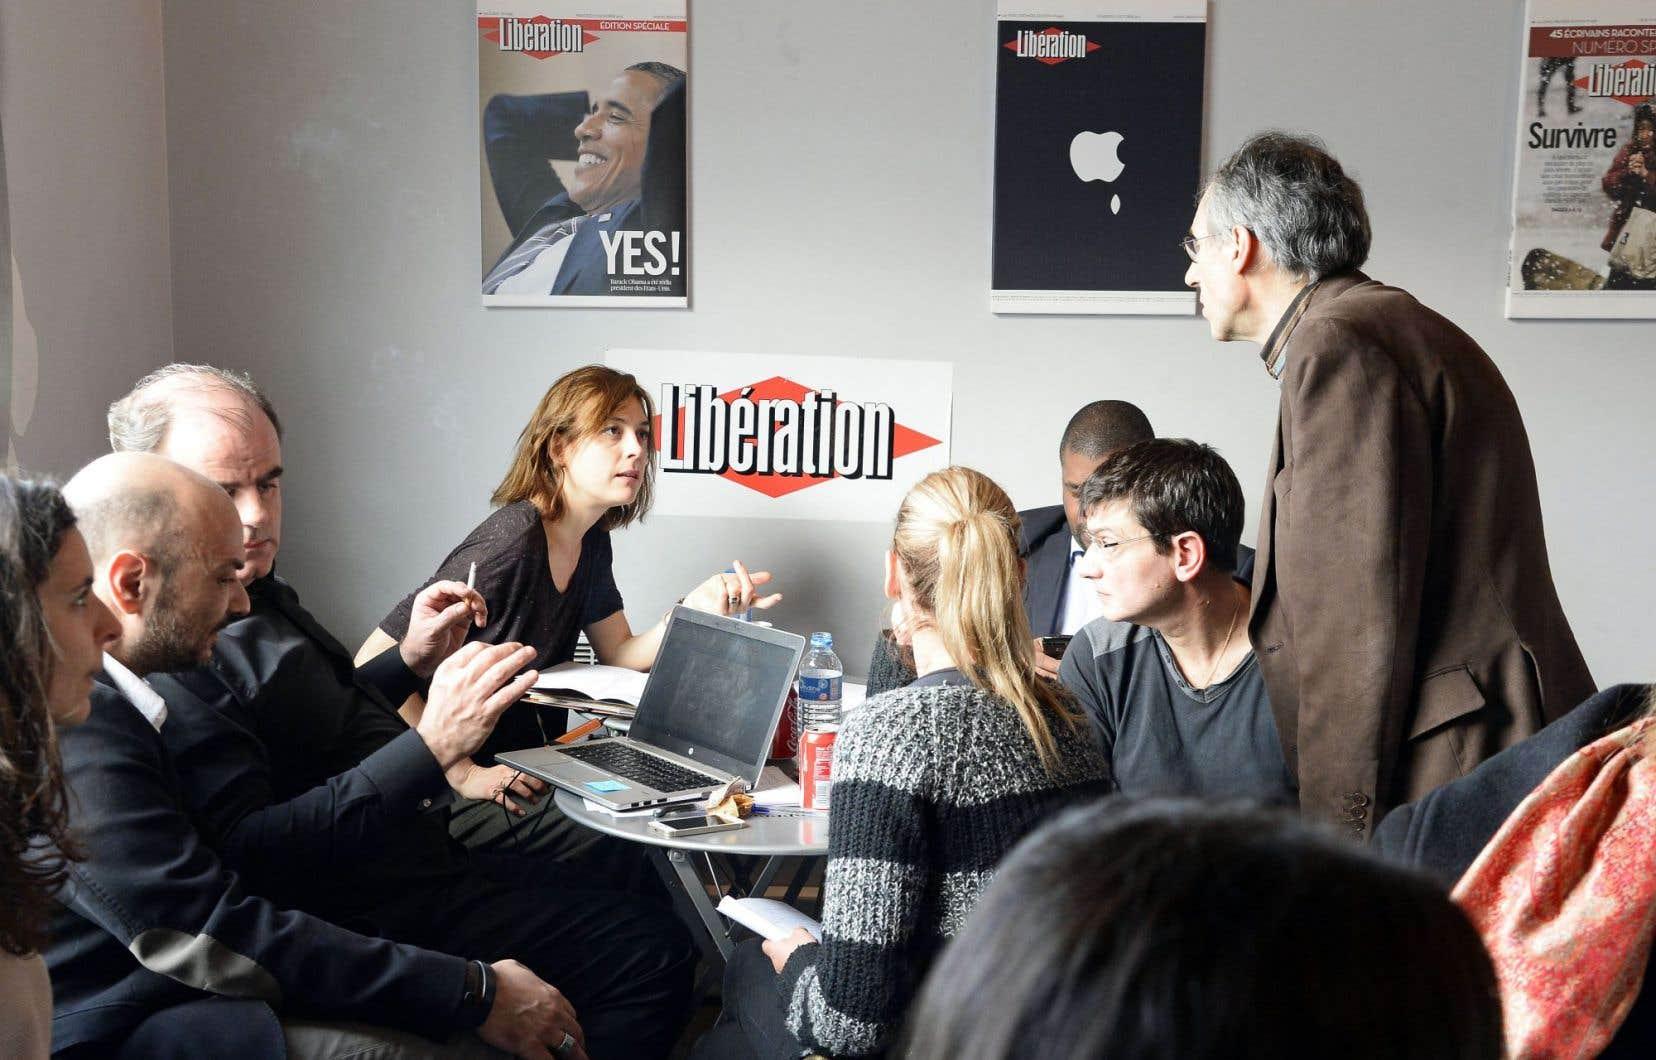 Le rédacteur en chef de Charlie Hebdo, Gérard Biard (debout à droite), a réuni l'équipe éditoriale pour la première conférence de rédaction depuis le drame. Une édition de l'hebdomadaire devrait paraître mercredi prochain.